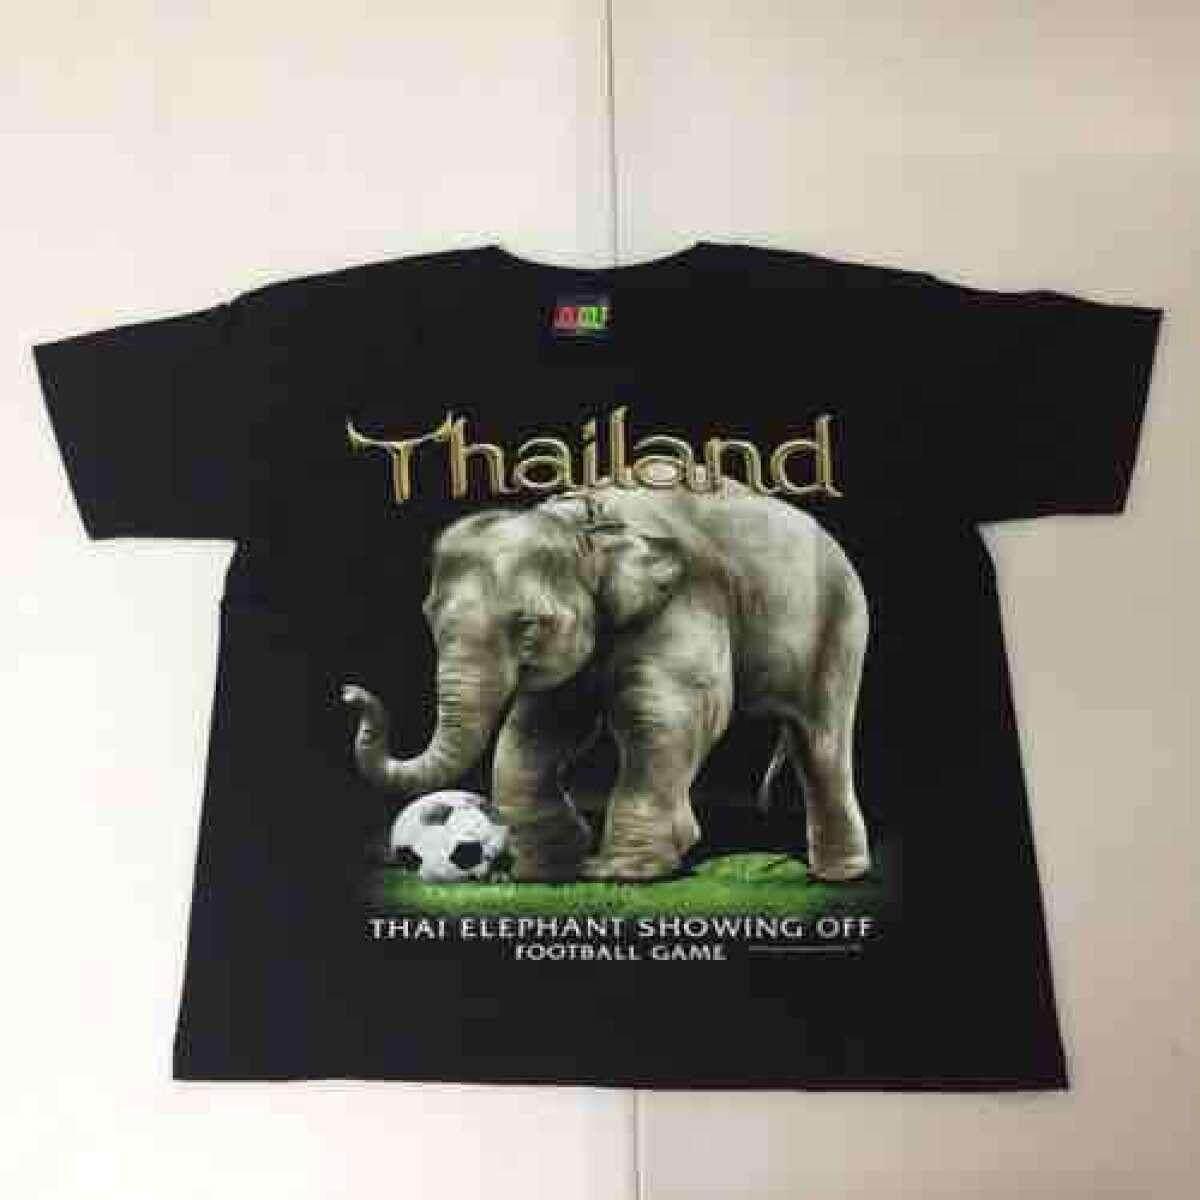 เสื้อ Thailand  เสื้อของฝาก ลายยอดนิยม สุดฮิต ของฝาก ของที่ระลึก เป็นที่นิยมของชาวต่างชาติ เสื้อคู่ ให้เพื่อน ให้แฟน ของขวัญ เสื้อ.